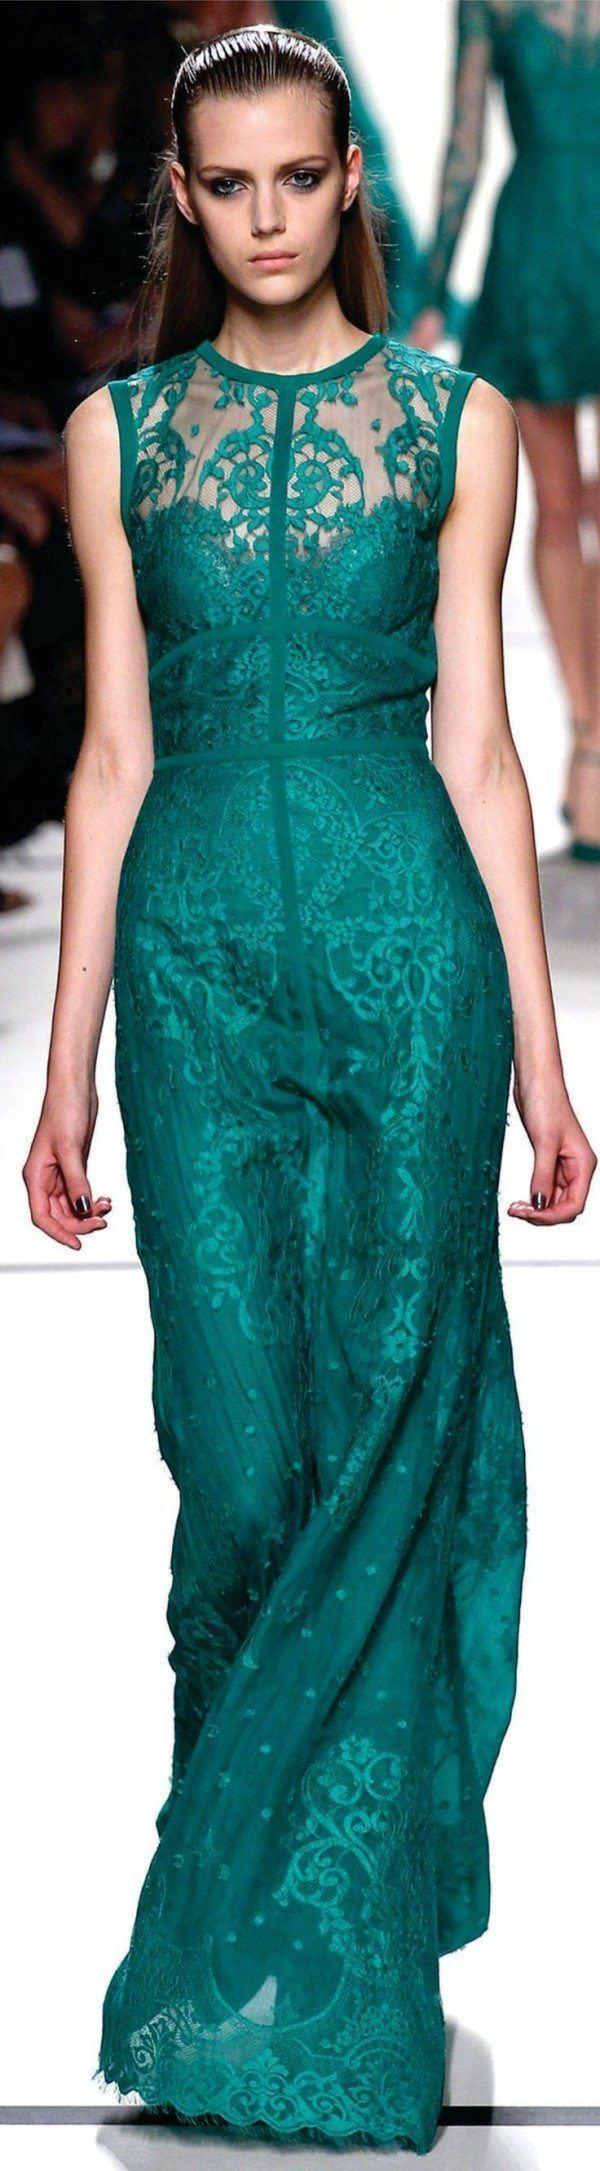 vestido verde maquillaje